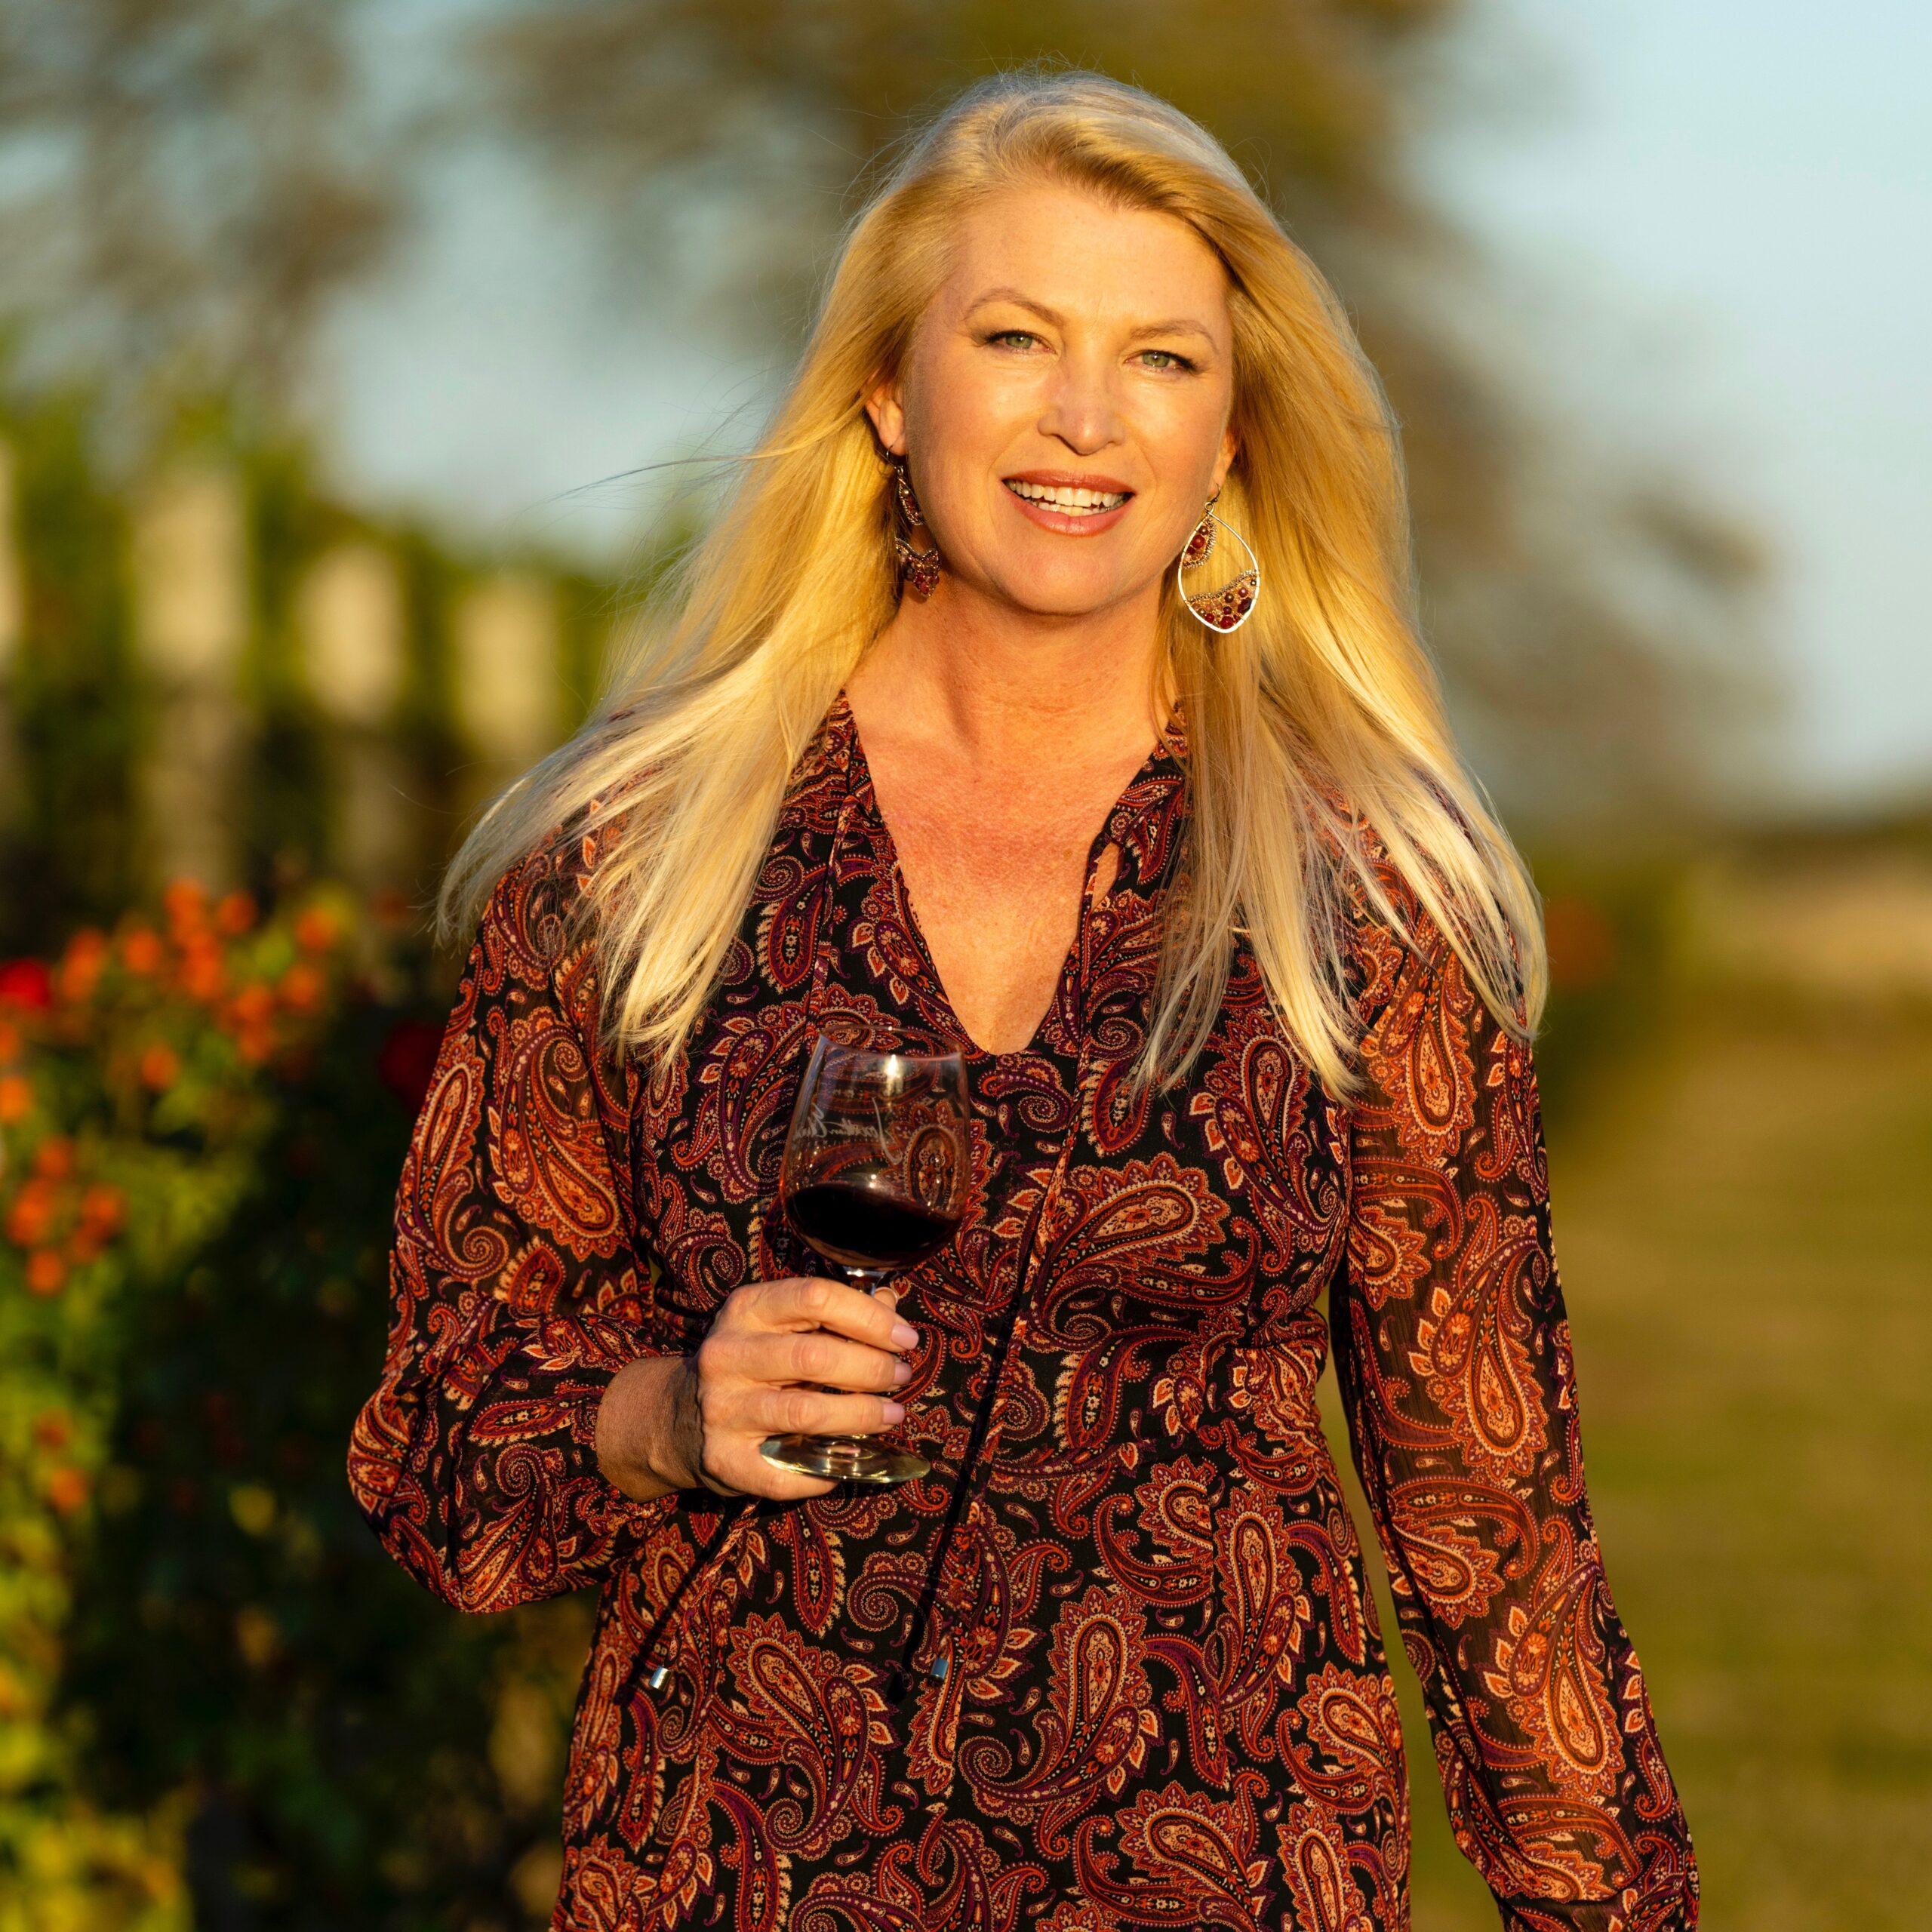 Sandra's Wine Life